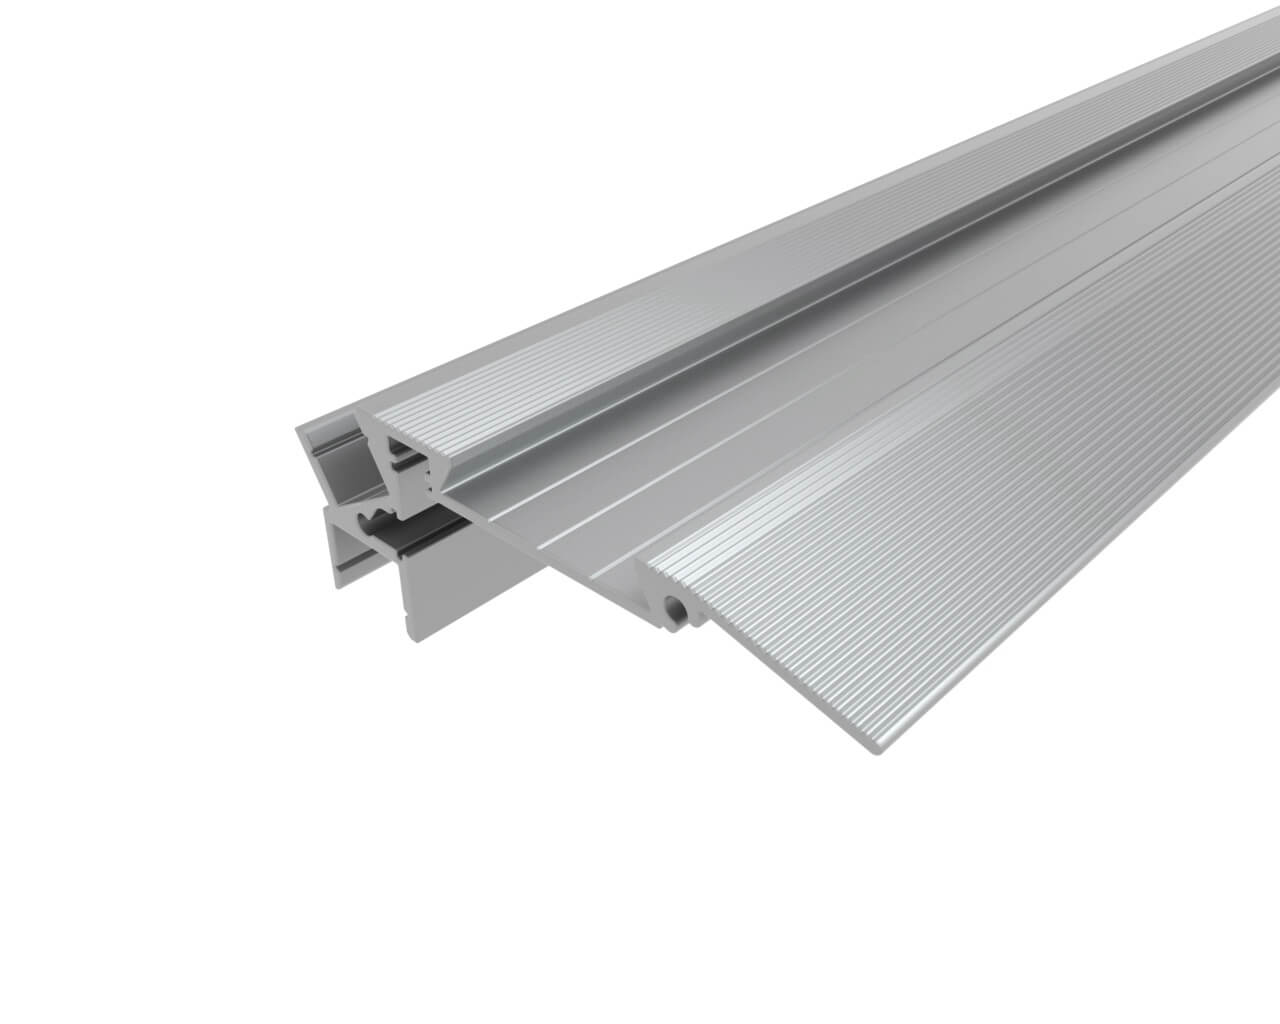 Профиль алюминиевый для ступеней без резиновой вставки LC-PDS-2879-2 Anod